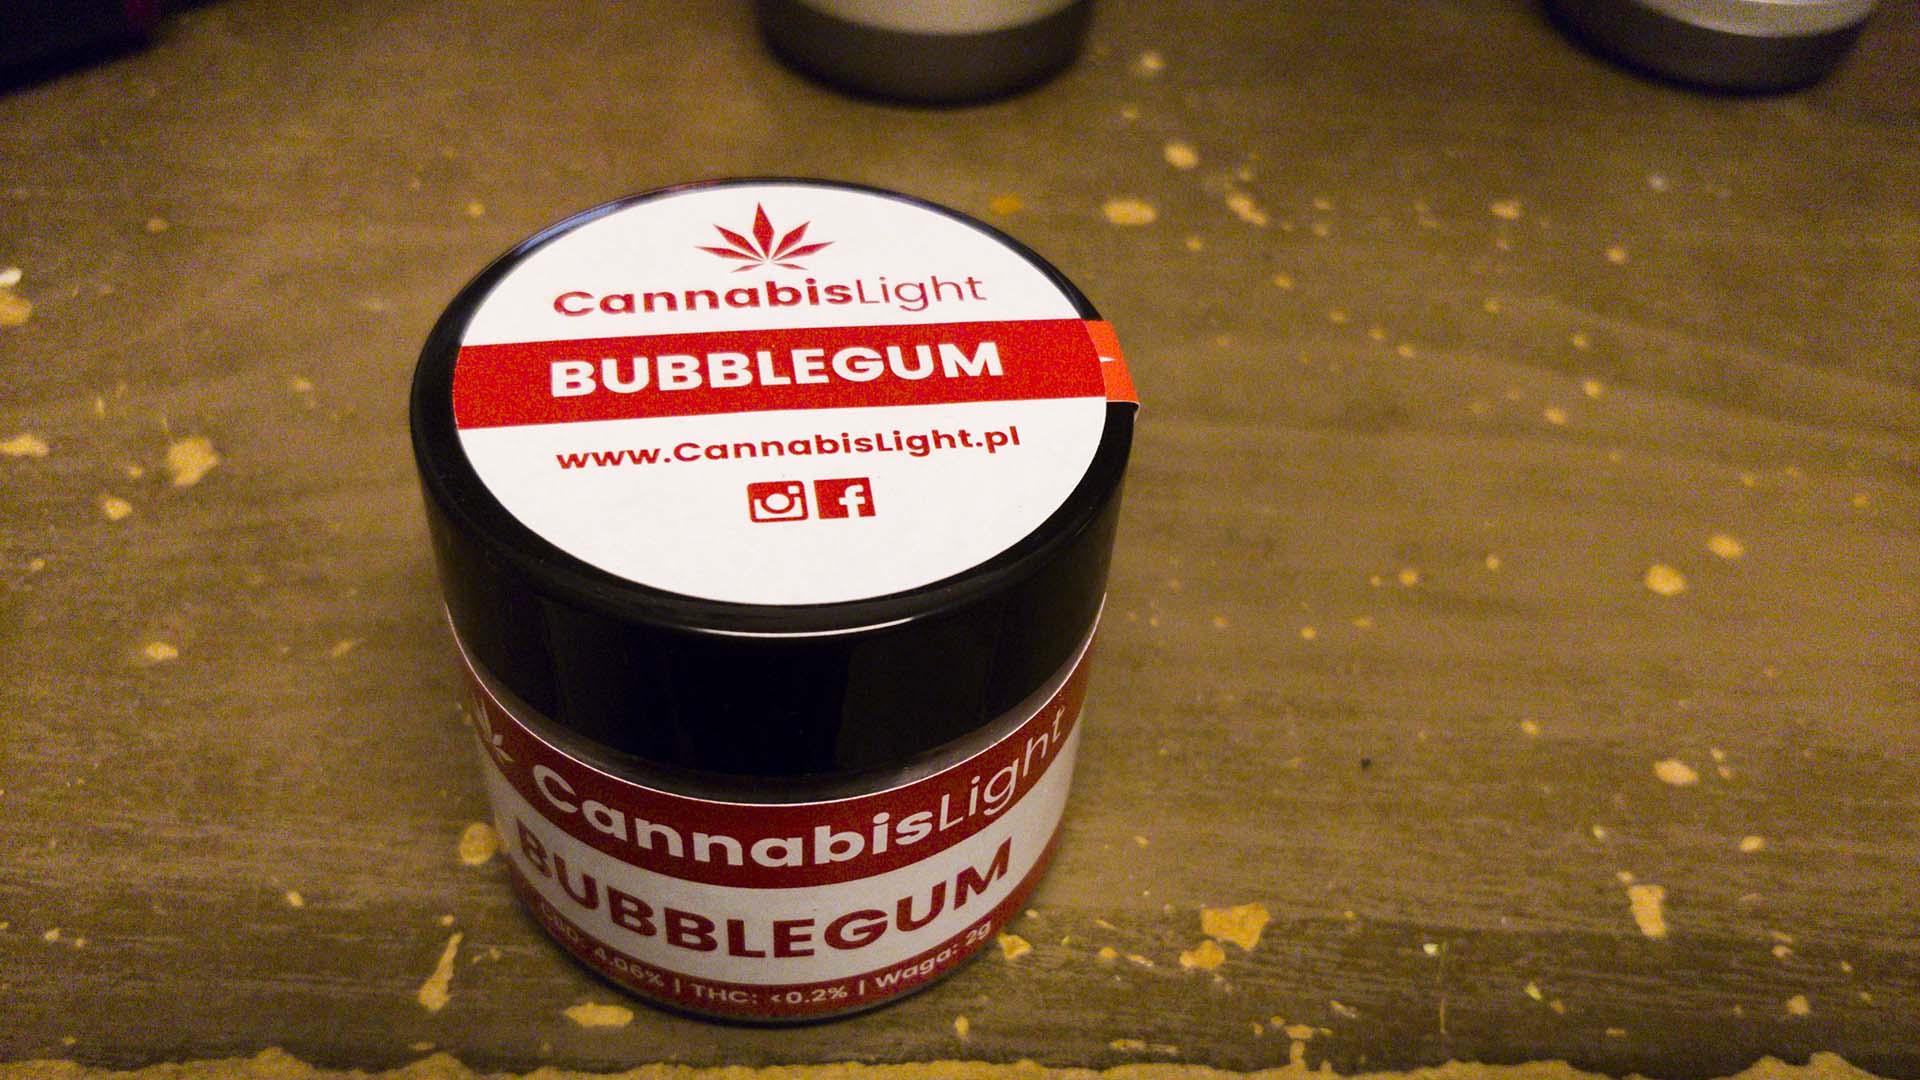 Mały słoik z czerowno-białą etykietą, napis Bubblegum